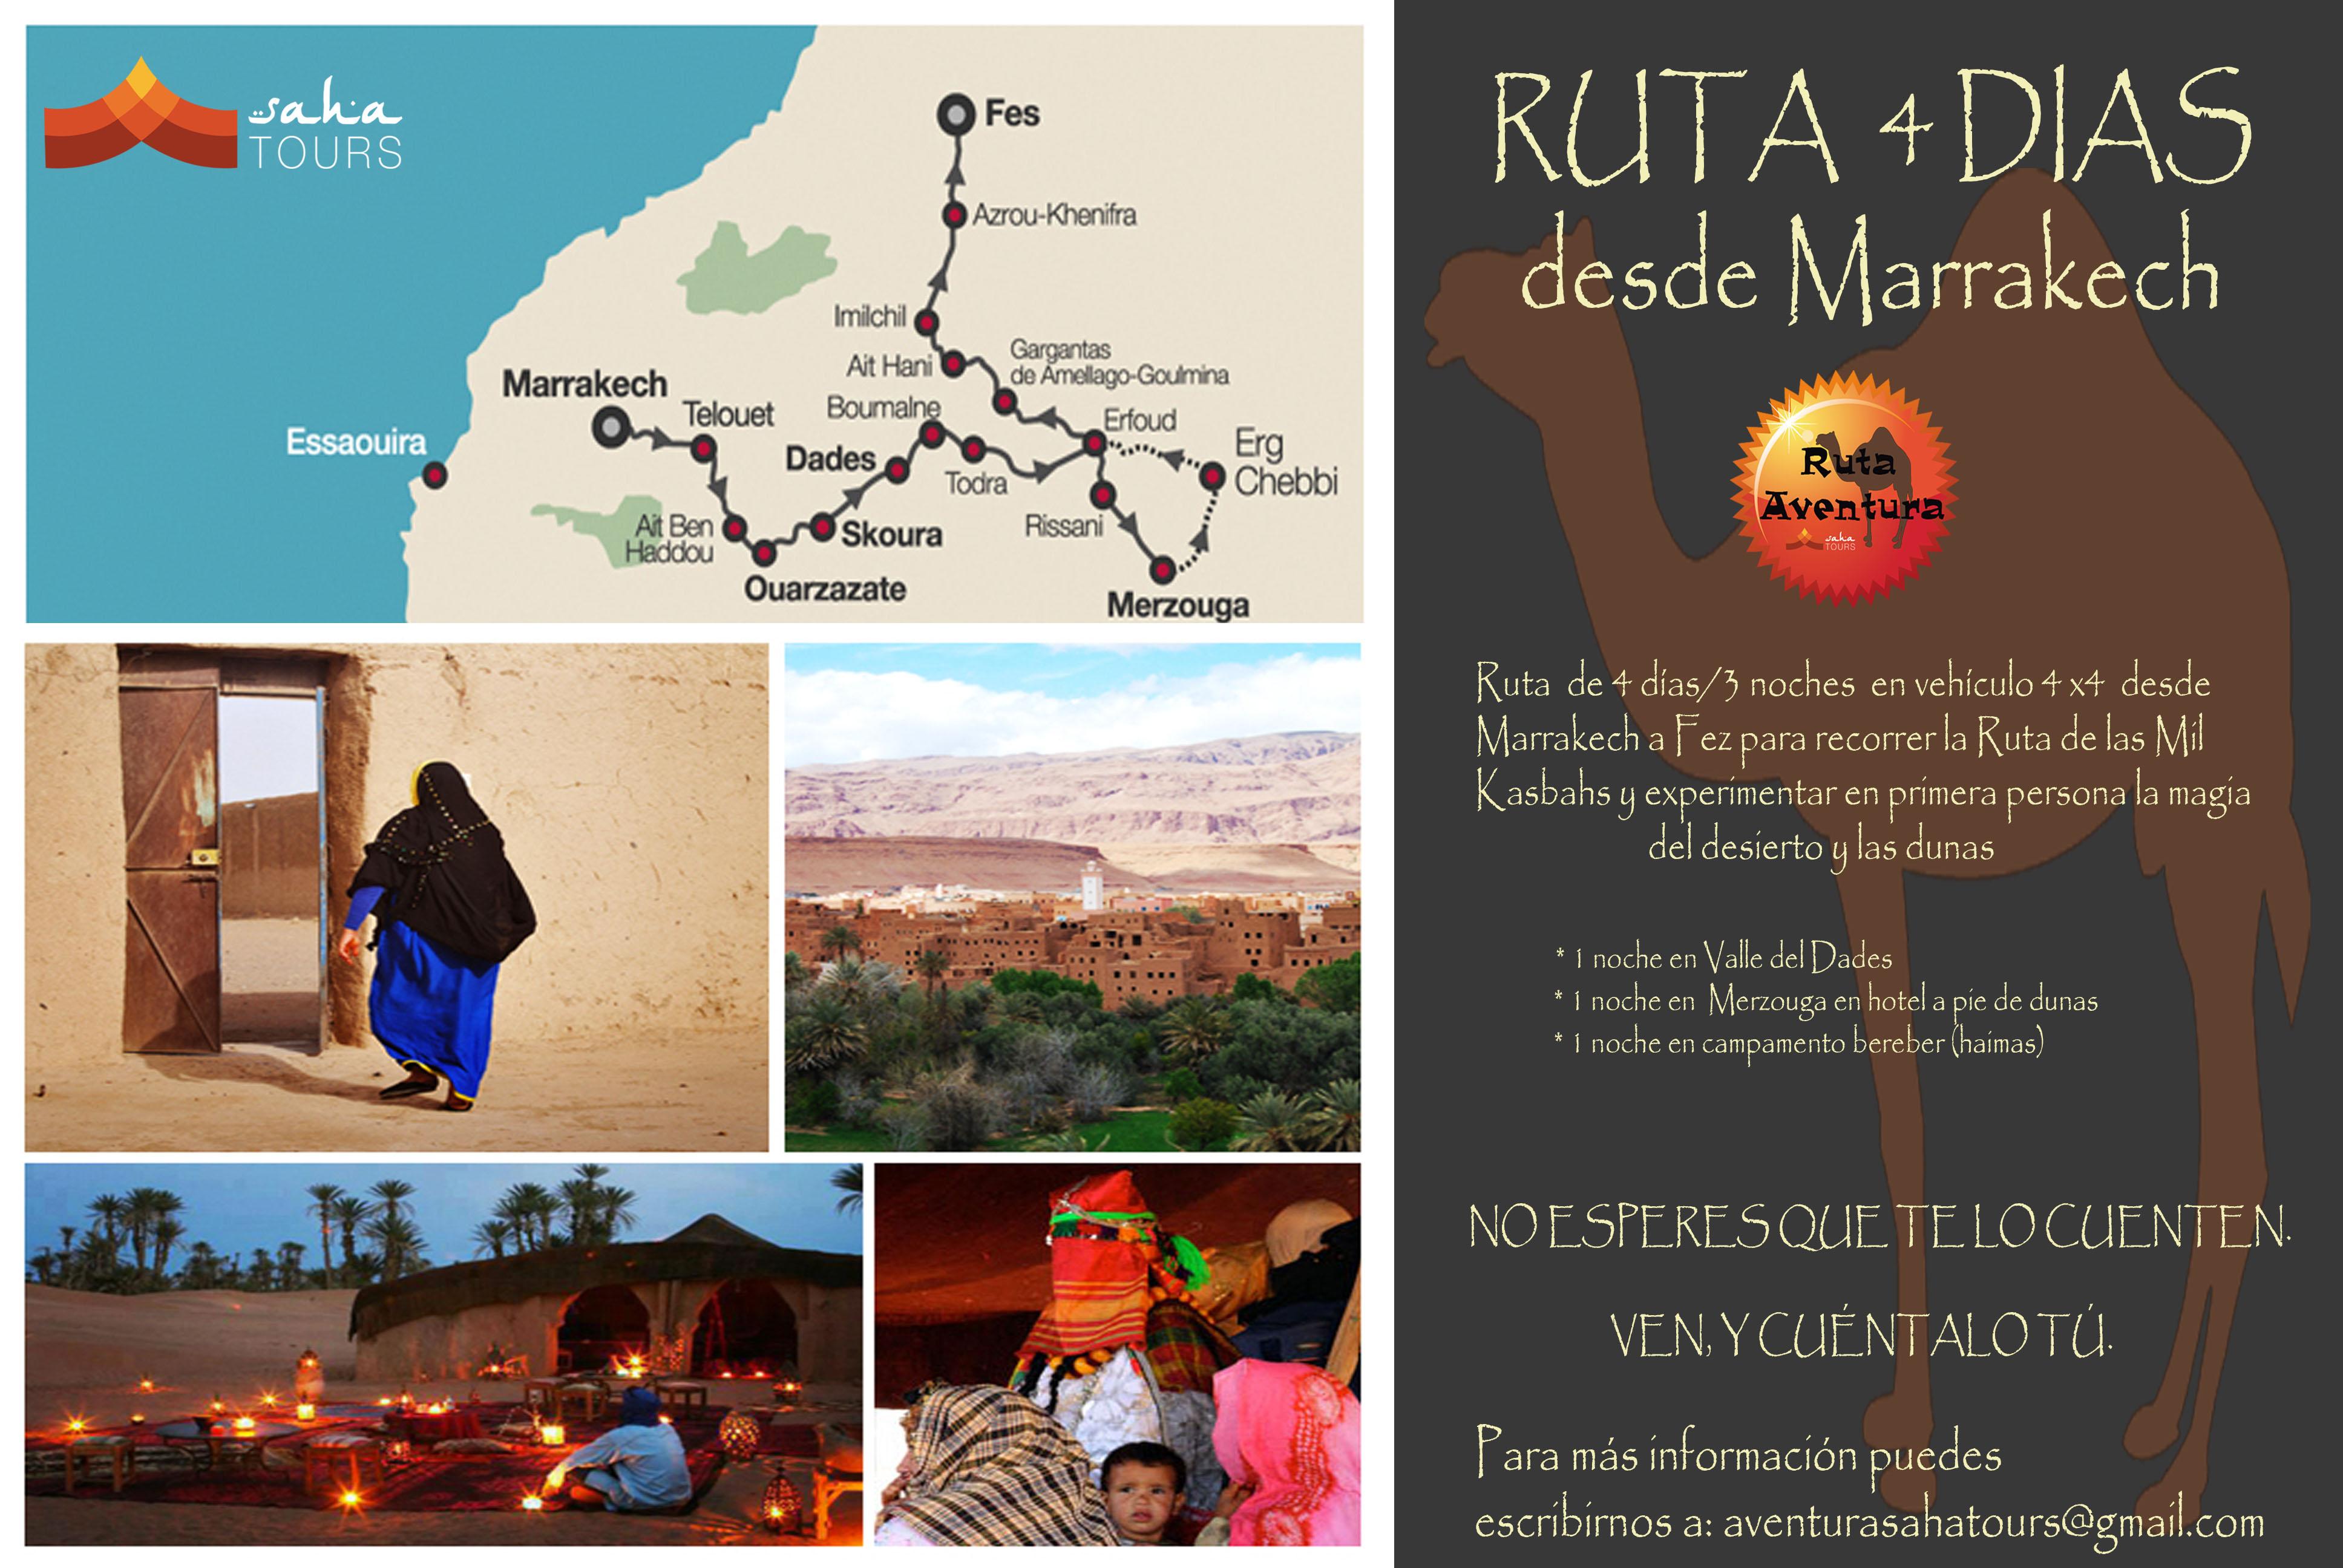 RUTA 4 DIAS DESDE MARRAKECH A FEZ 1